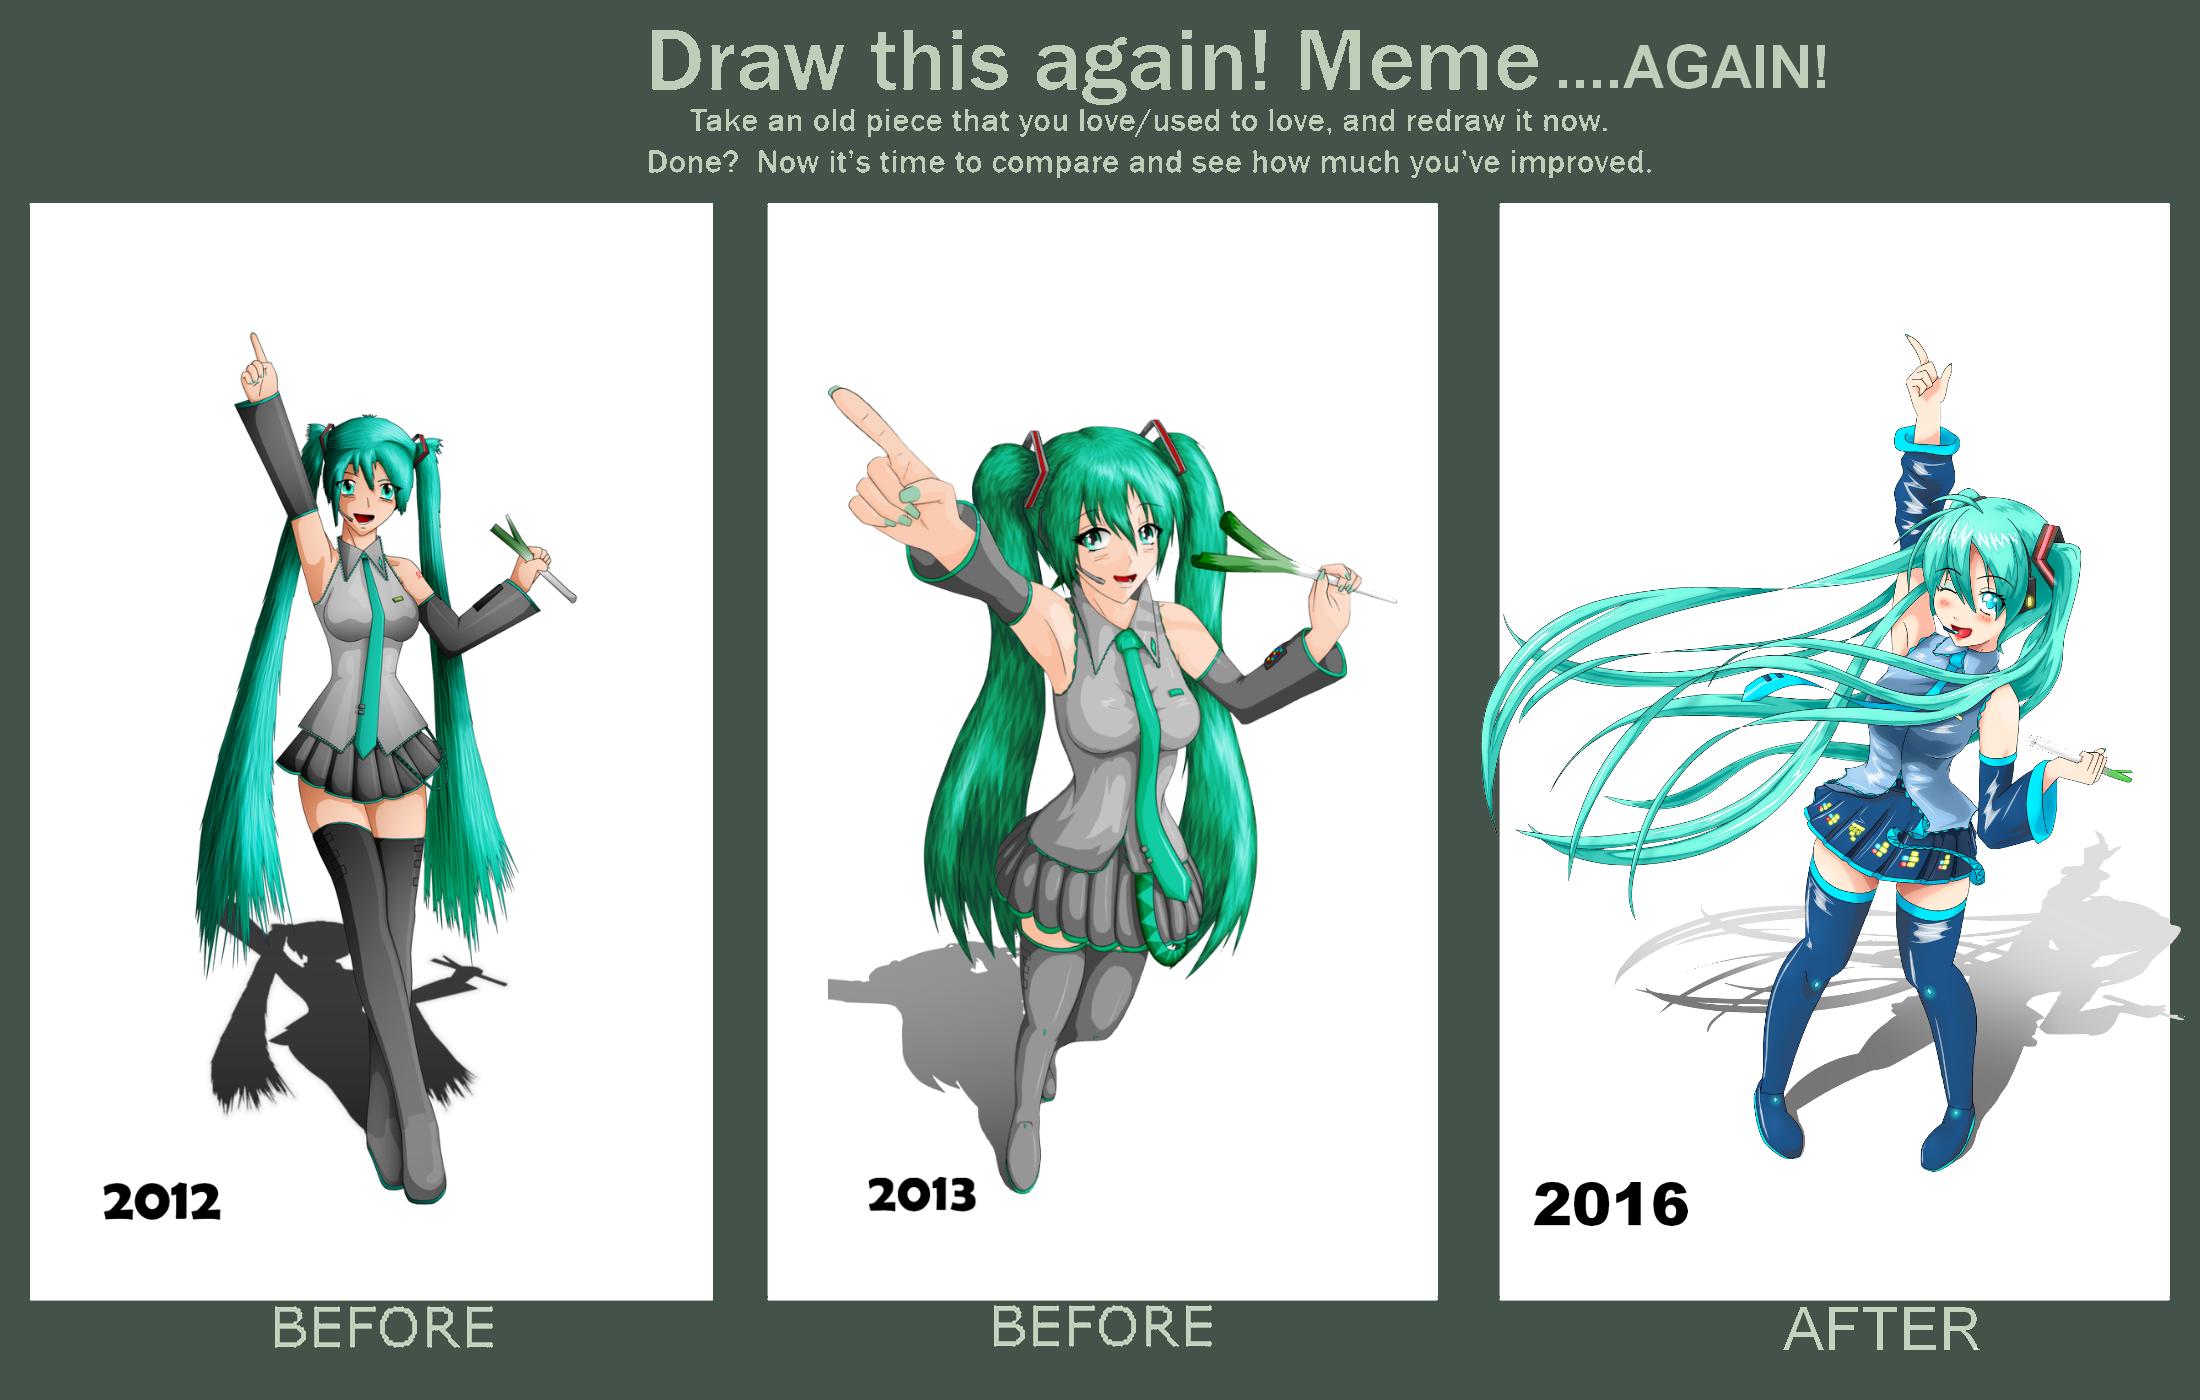 draw_again_meme_miku_again__by_paskiz da1evoz draw again meme miku again! by paskiz on deviantart,Miku Meme